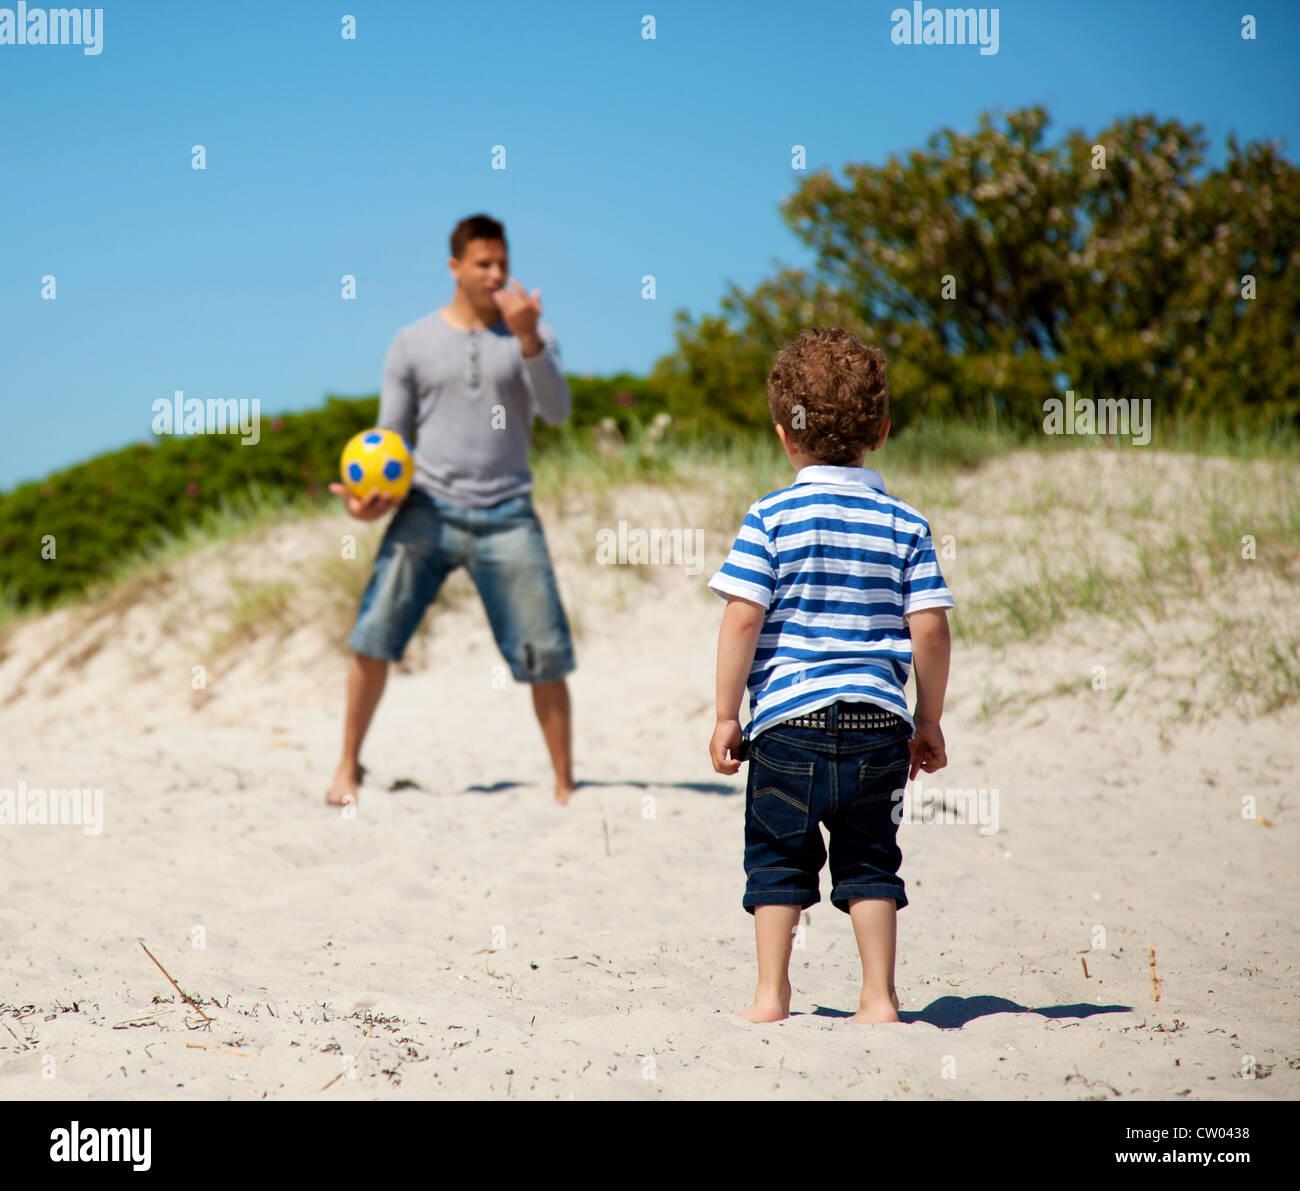 Bambino guardando al suo papà insegnare a lui come a giocare a calcio all'aperto Immagini Stock